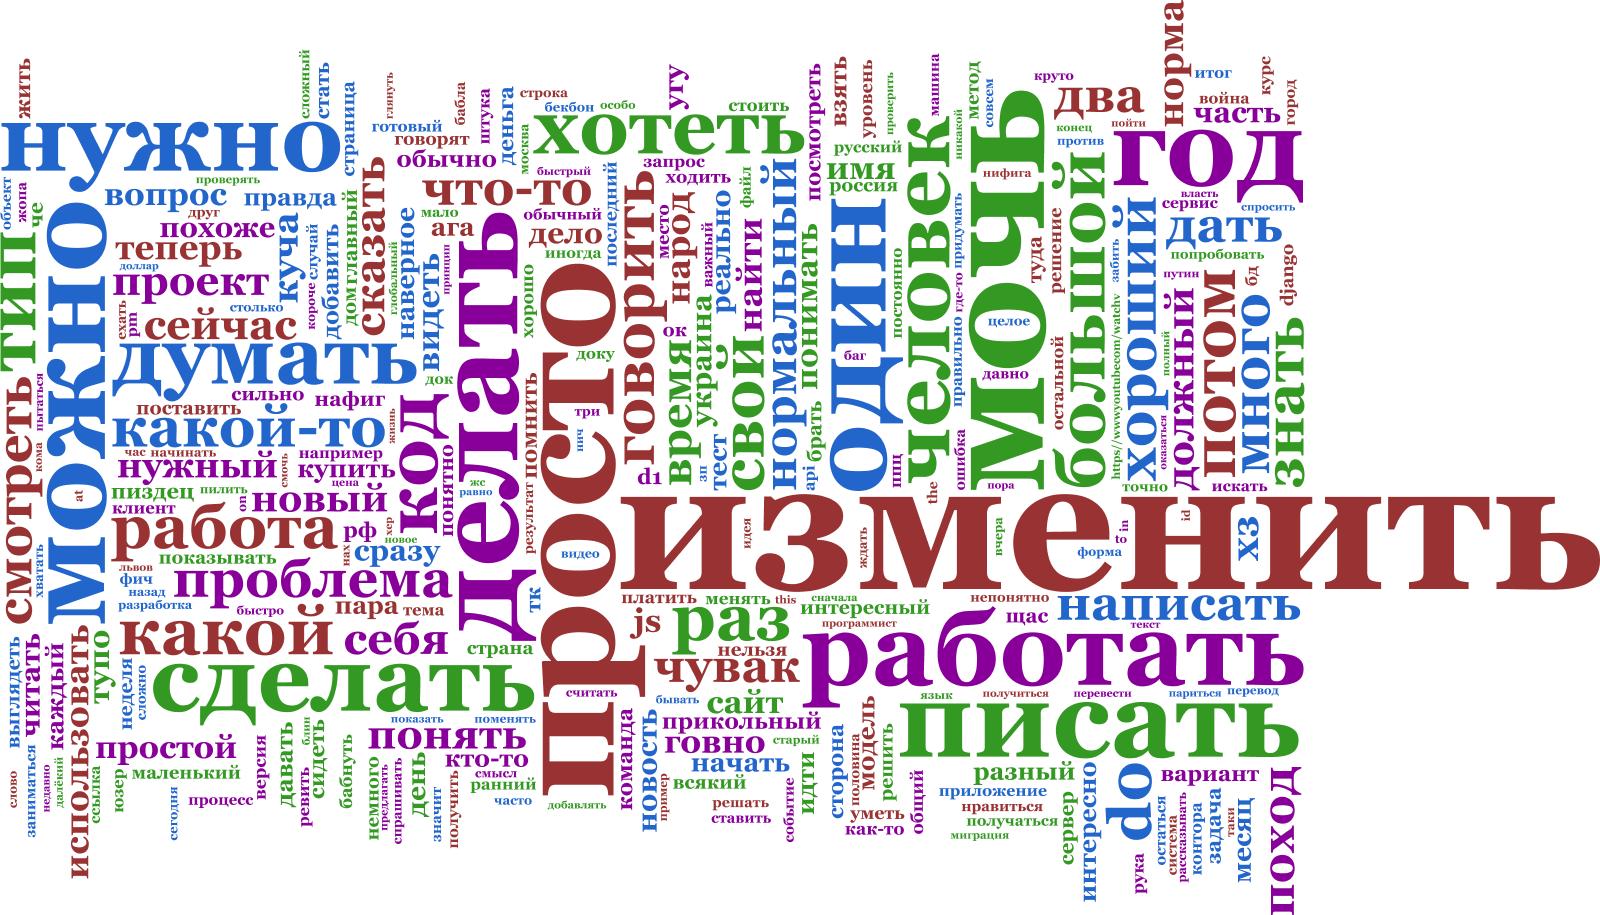 Частотная карта слов